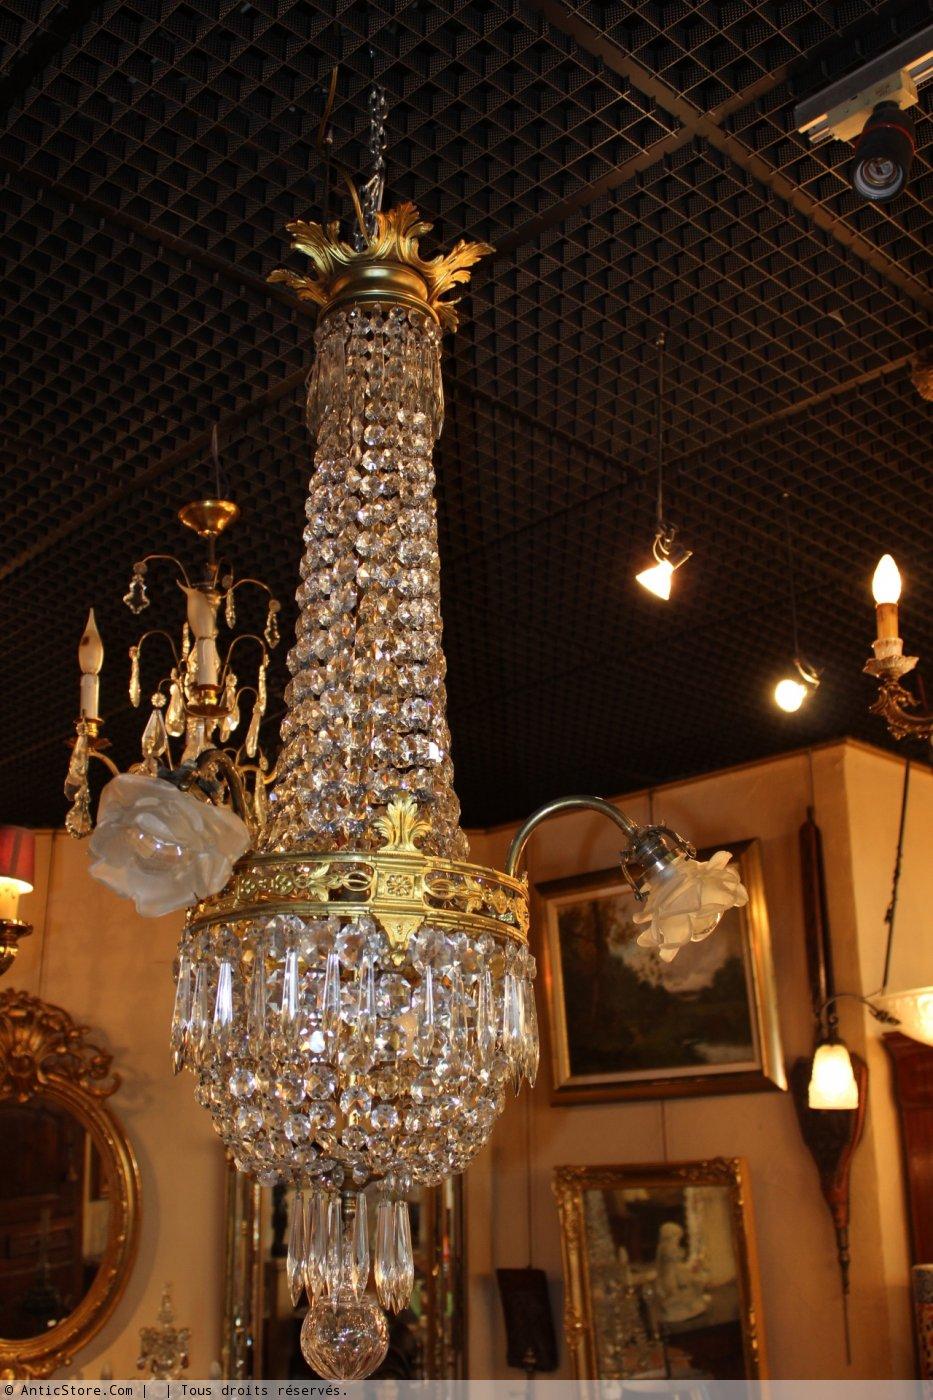 lustre montgolfi re en bronze dor et cristal xixe si cle anticstore antiquit s 19 me si cle. Black Bedroom Furniture Sets. Home Design Ideas